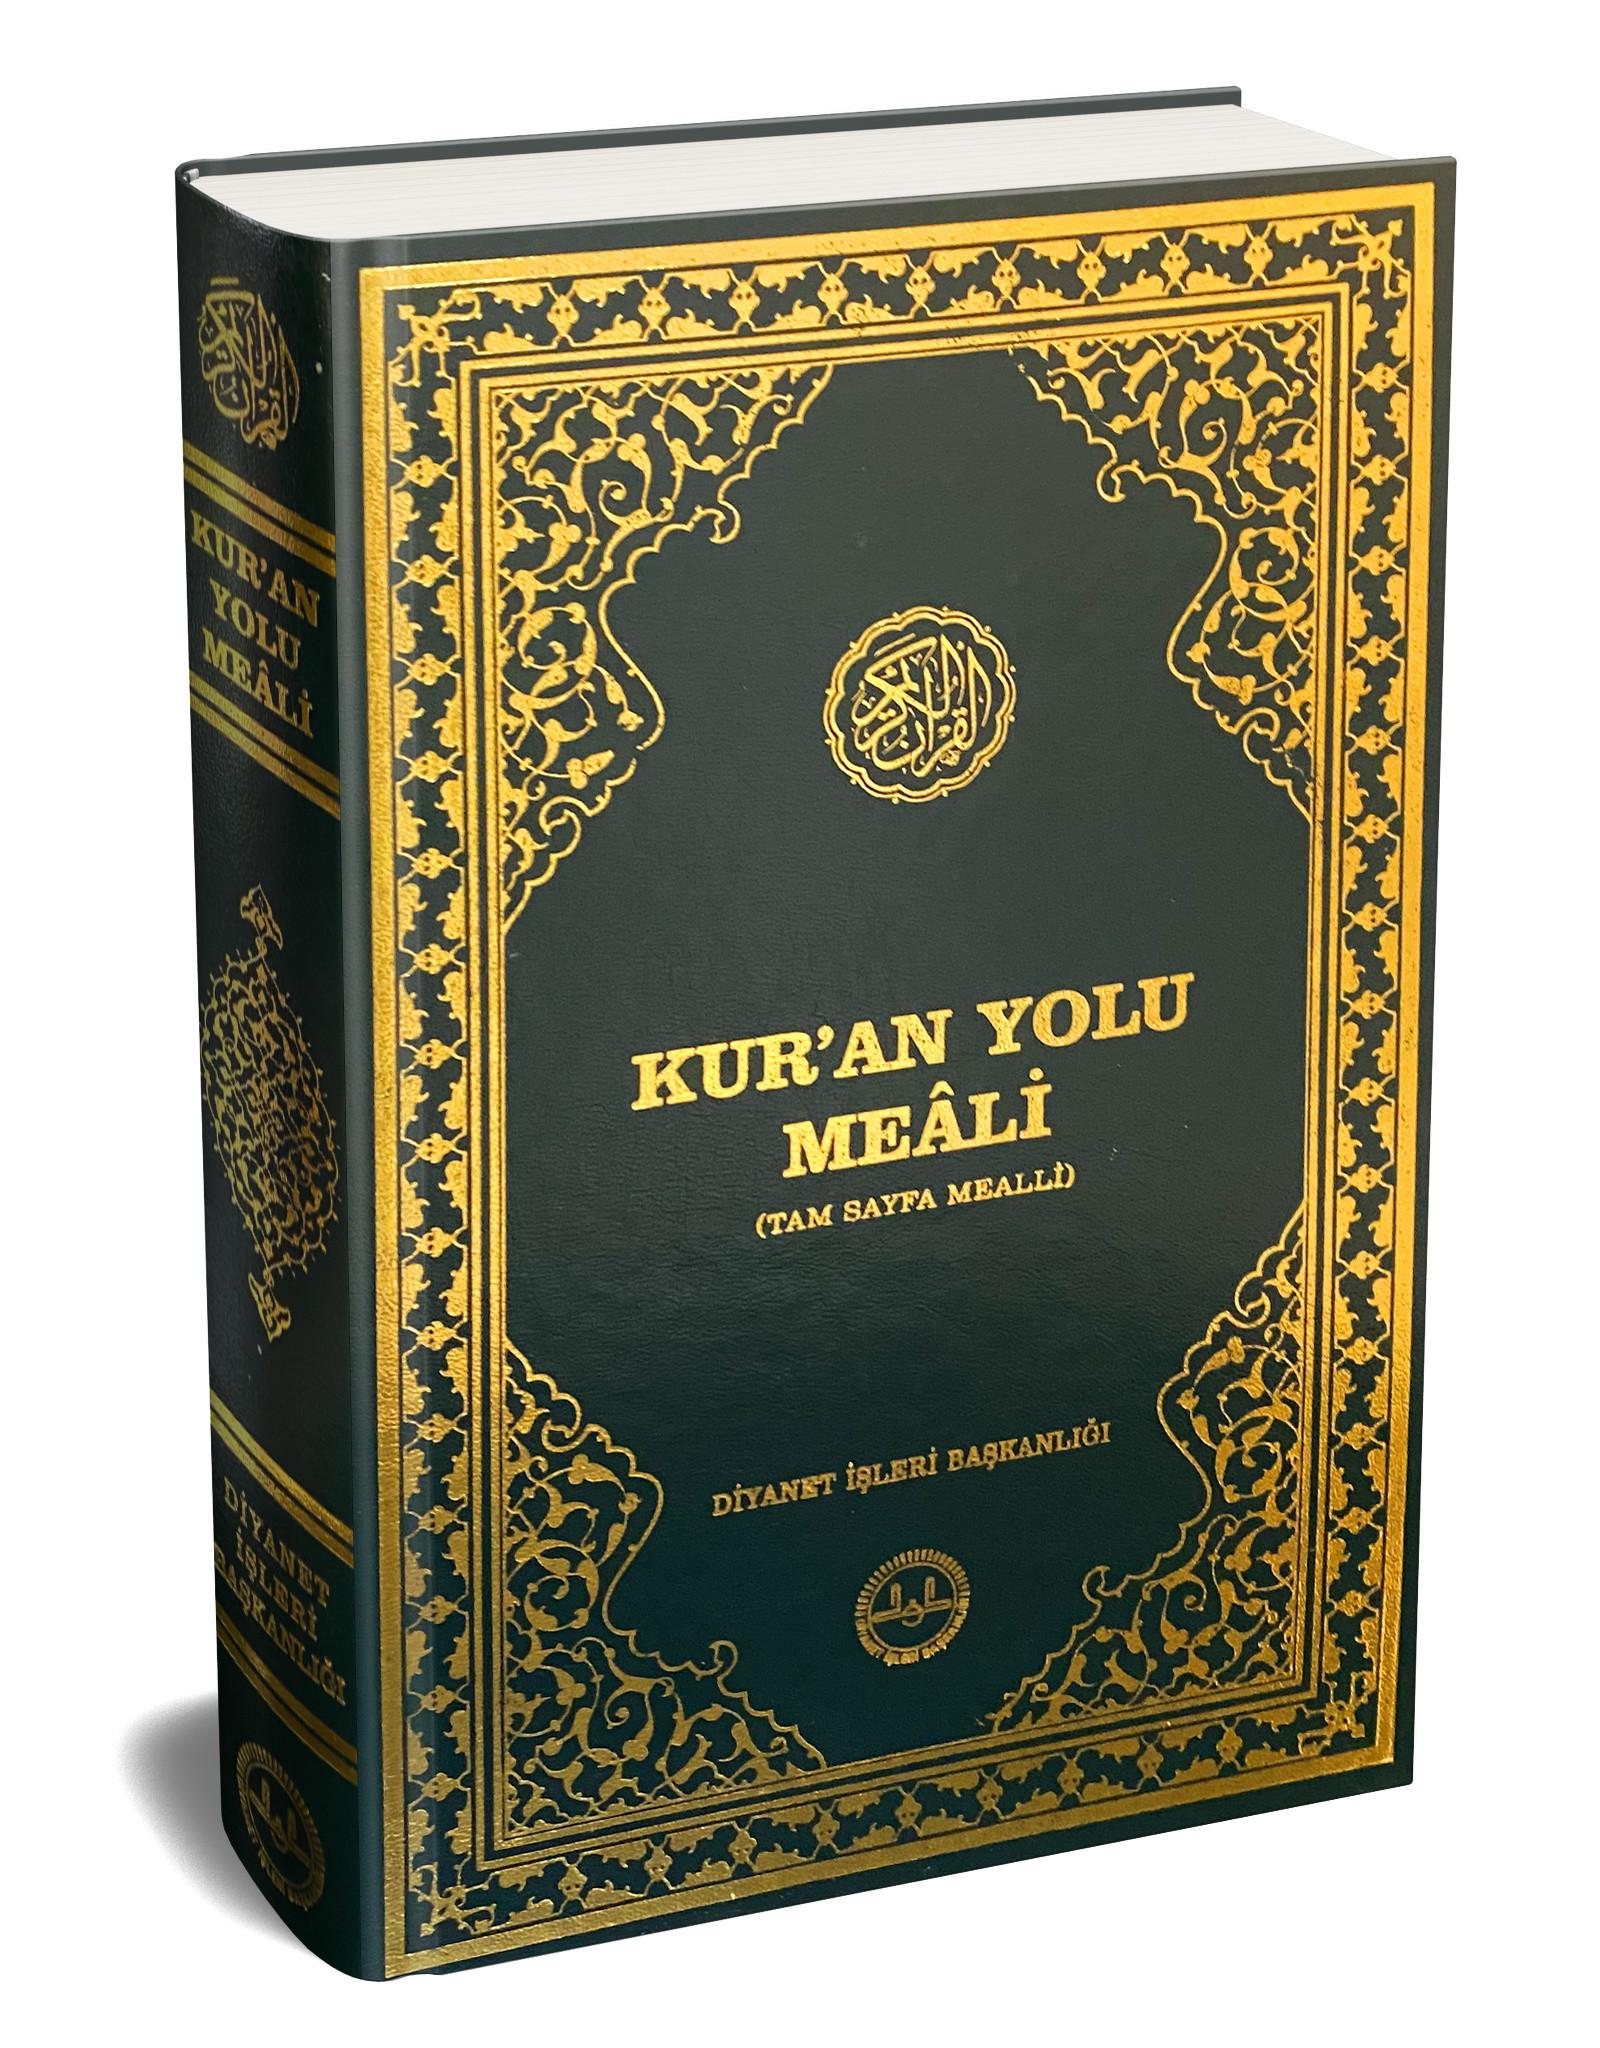 Kur'an Yolu Meali Bilgisayar Hatlı Orta Boy Tam Sayfa Mealli